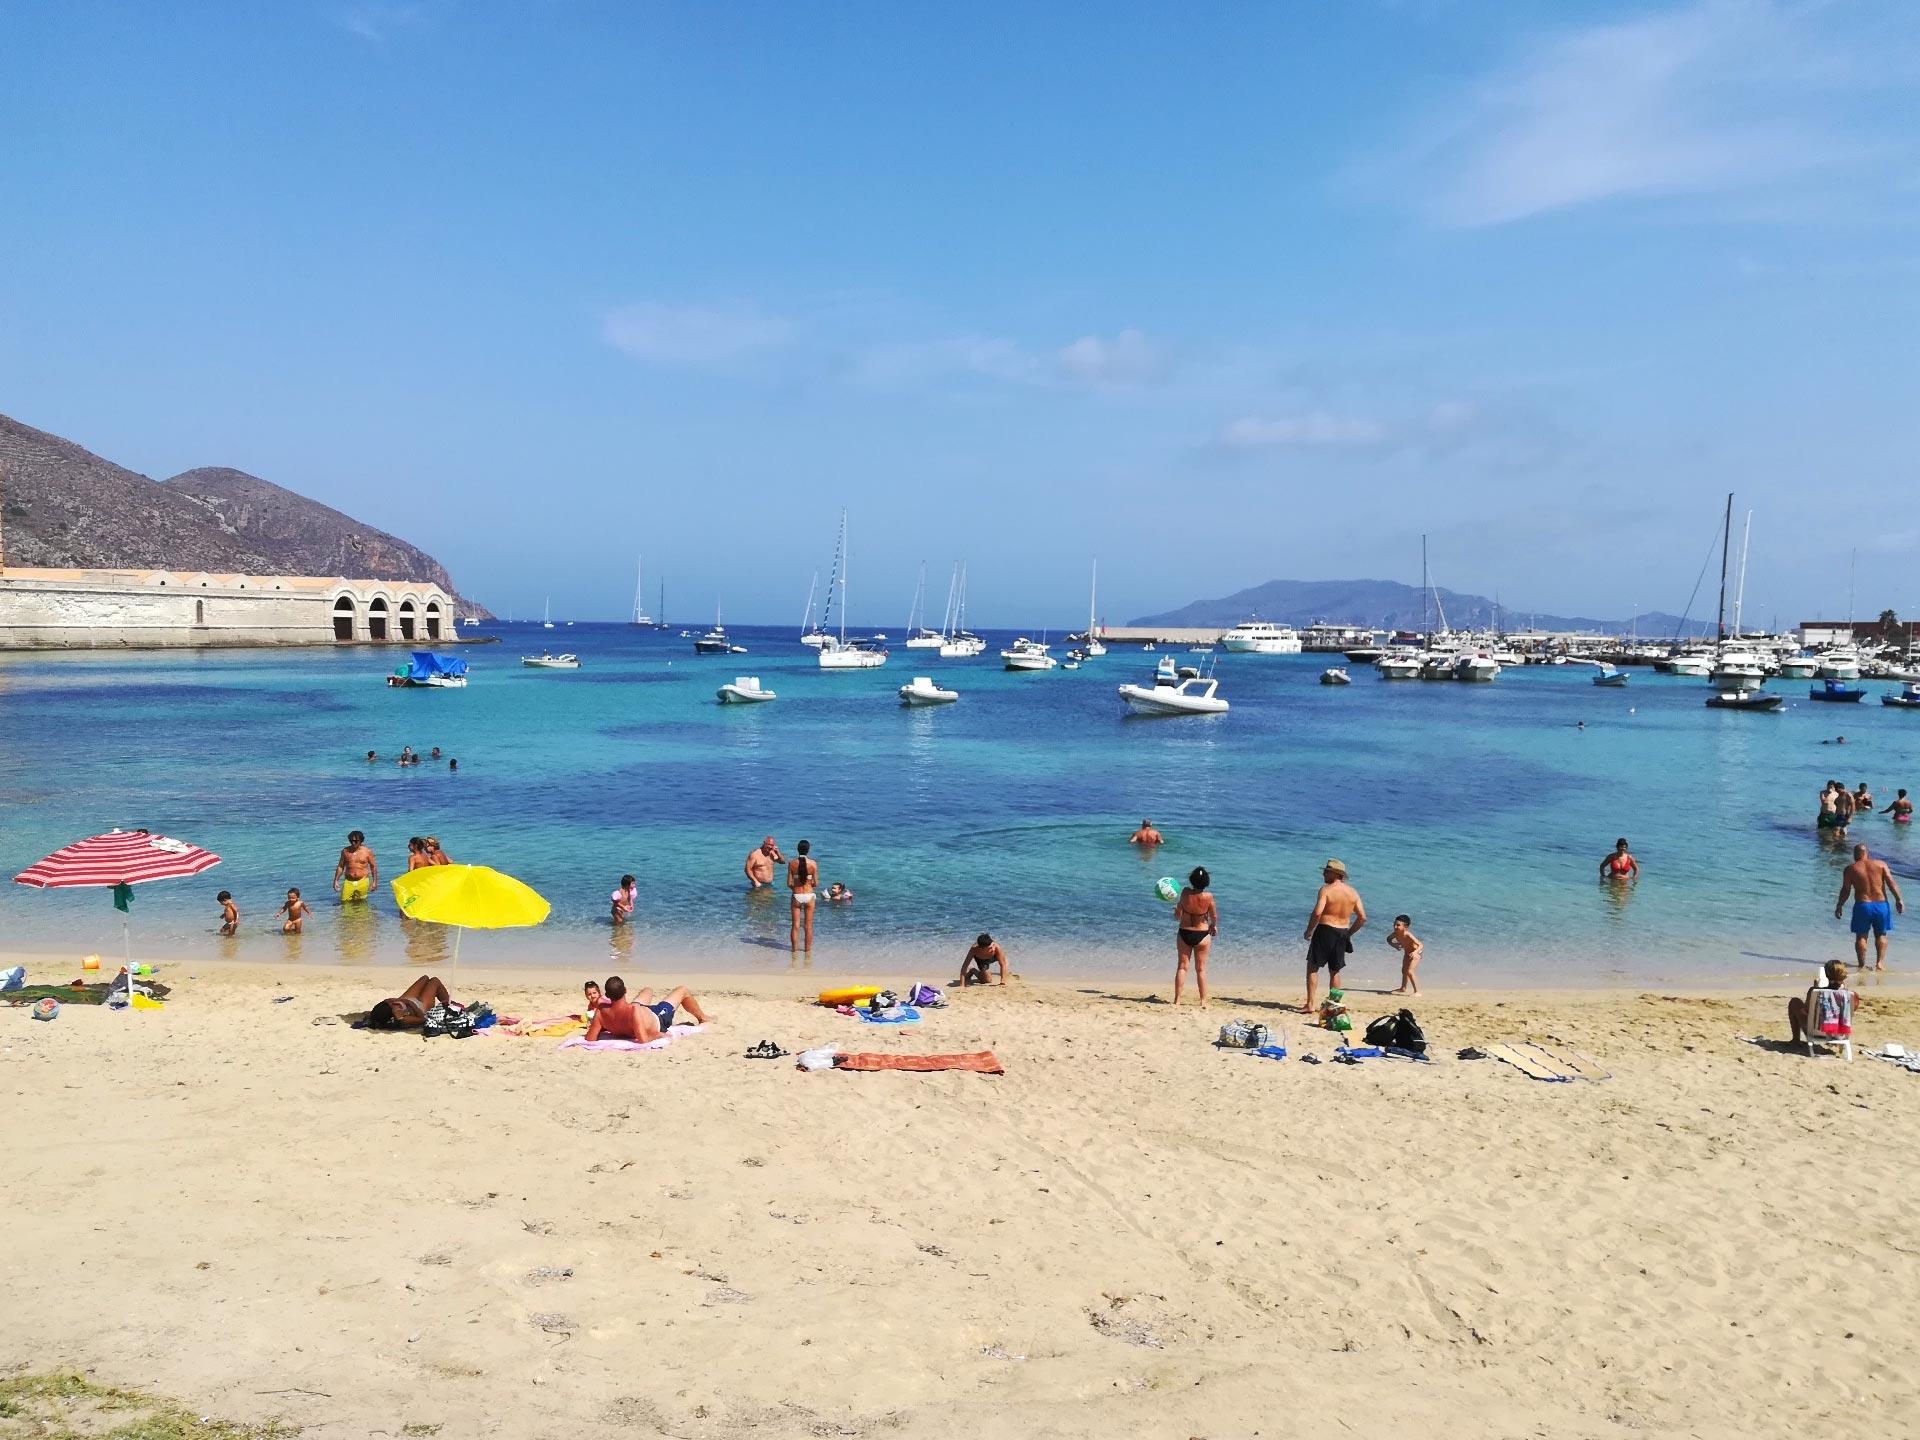 veduta della spiaggia di Favignana, Trapani, Sicilia